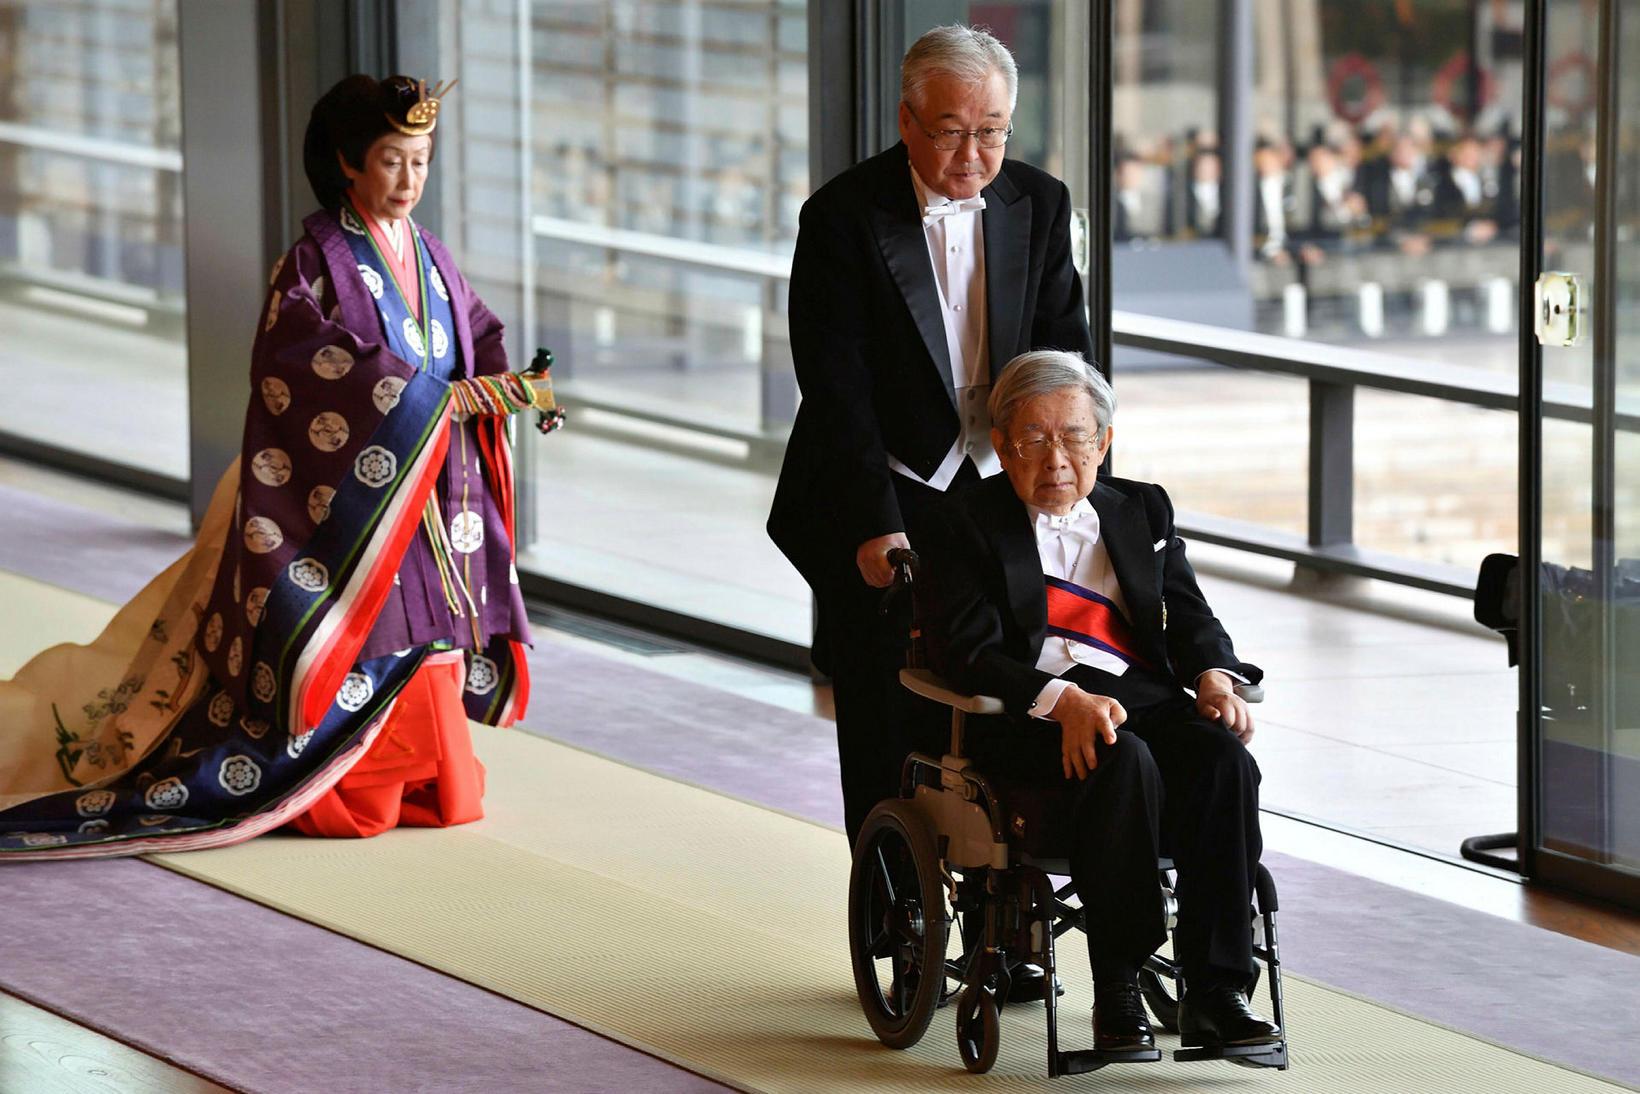 Hitachi Japansprins kemur á athöfnina.